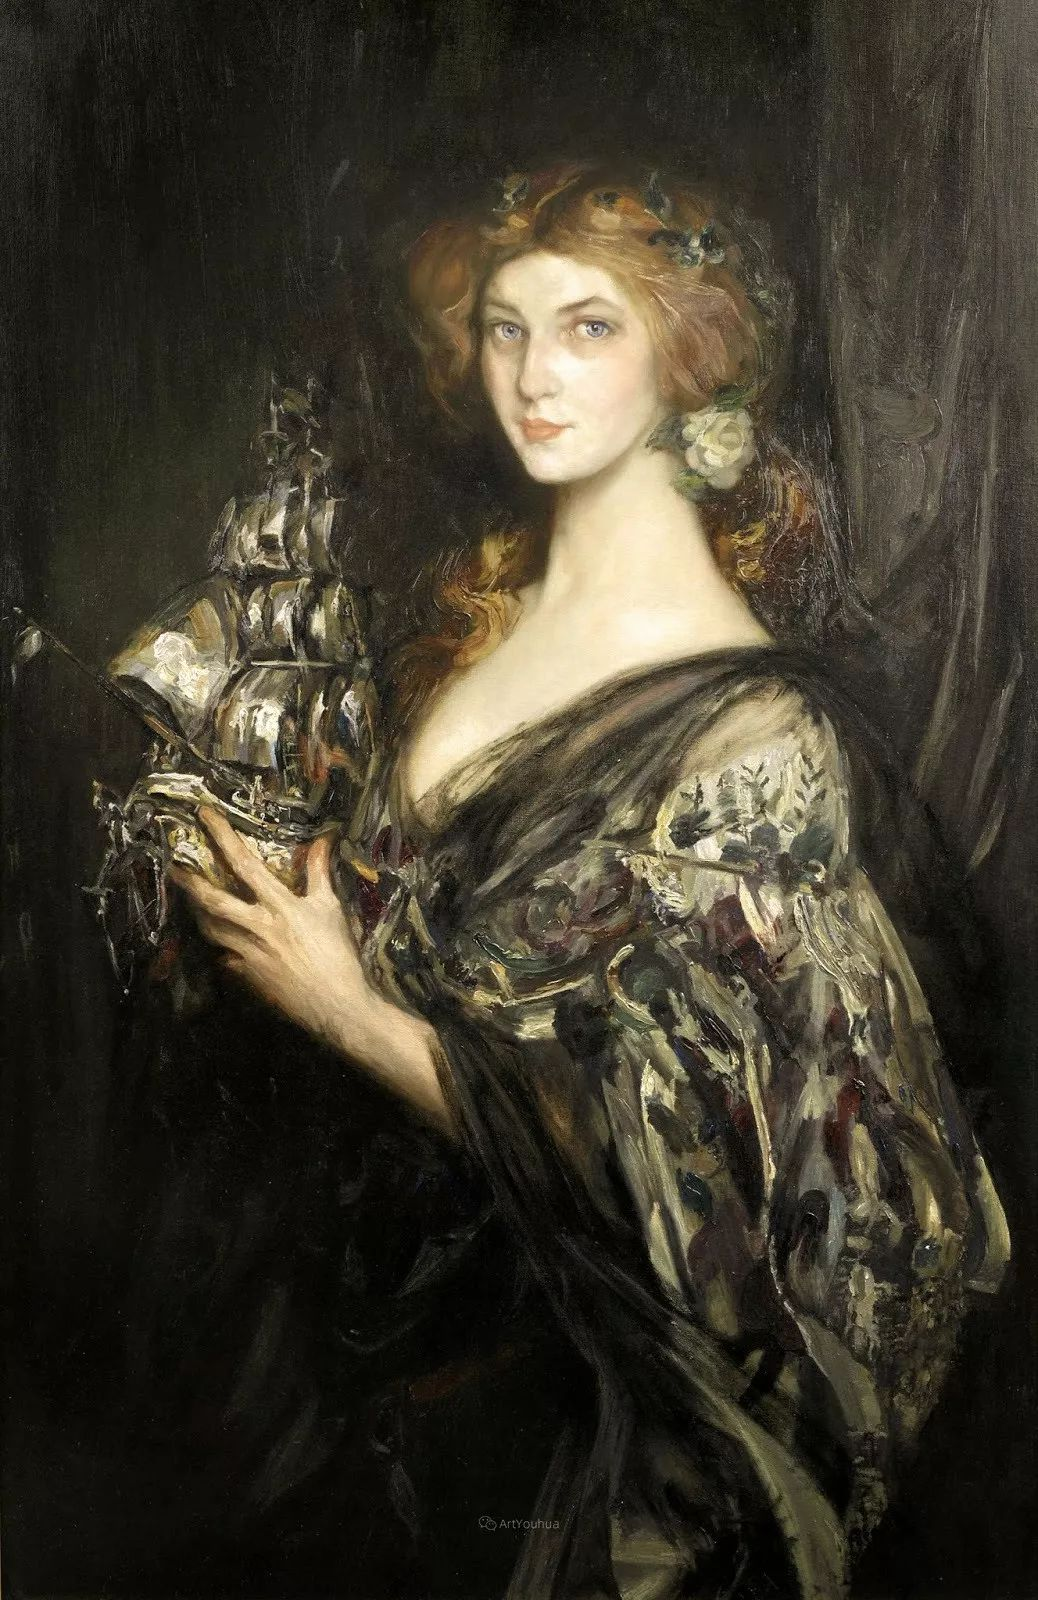 画家笔下苗条的女子,美丽优雅!英裔美国画家James Jebusa Shannon插图10